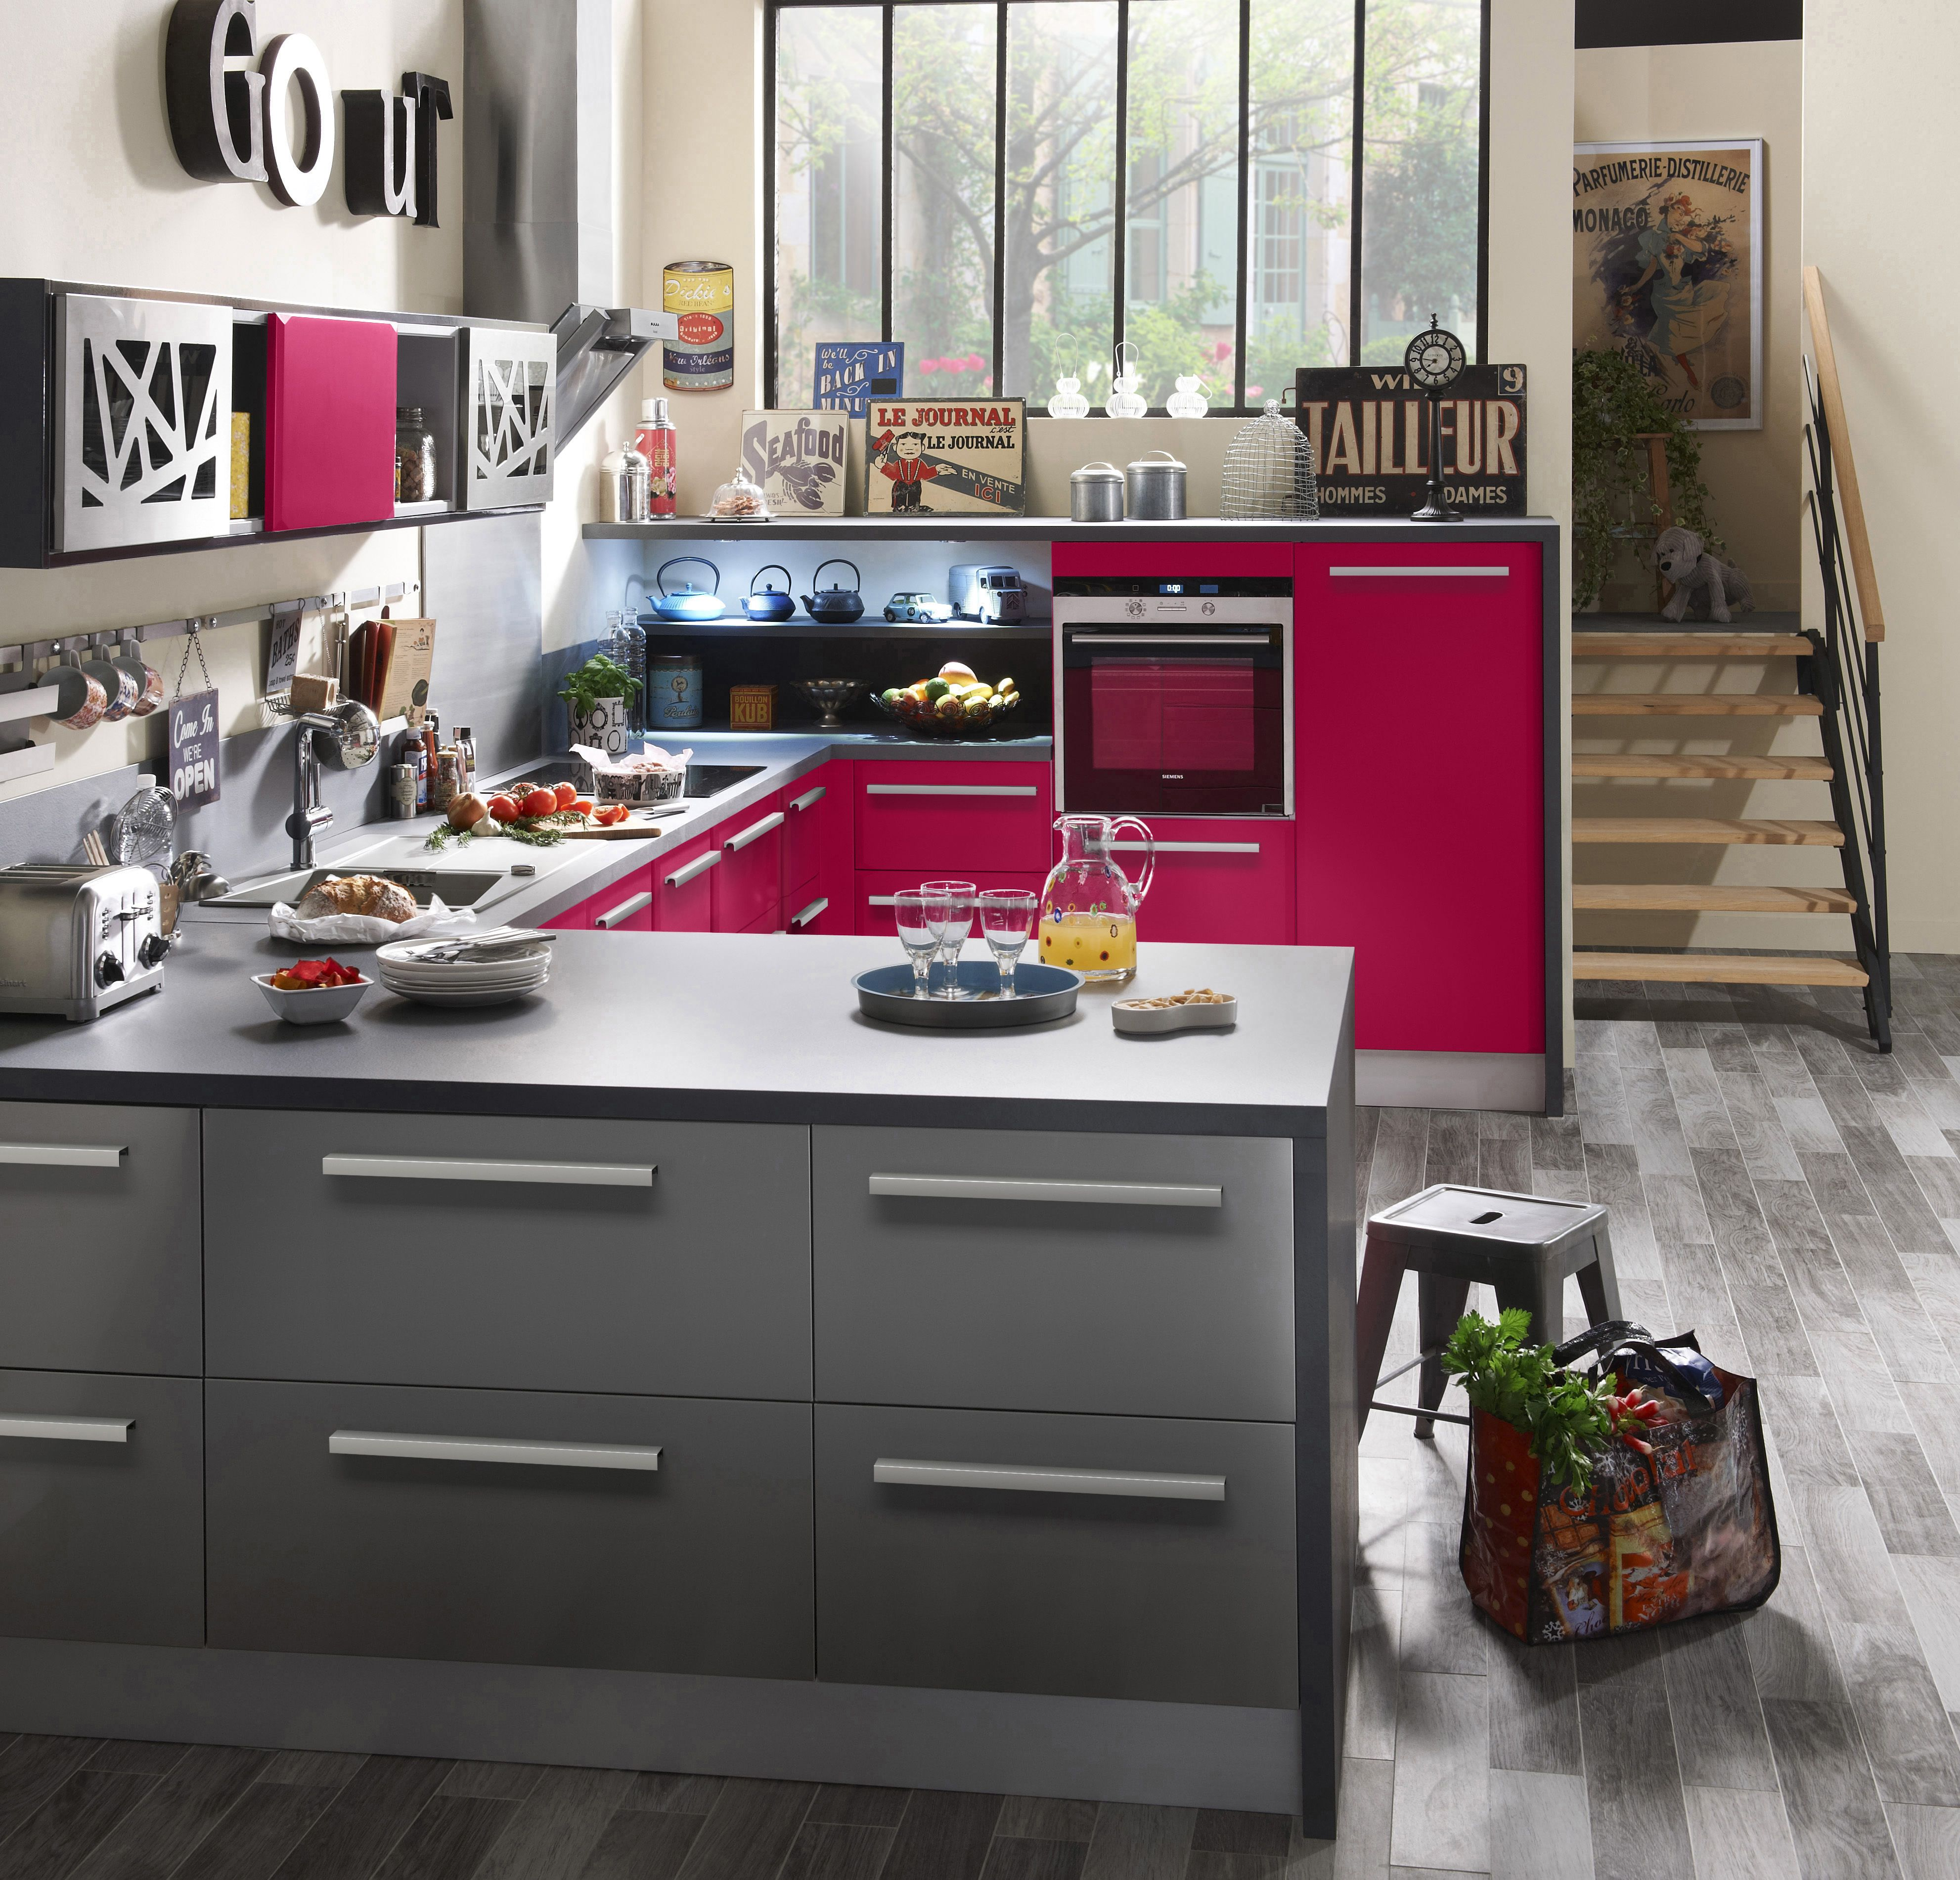 Cuisine CARAT - Framboise mat. La collection de meubles de cuisine